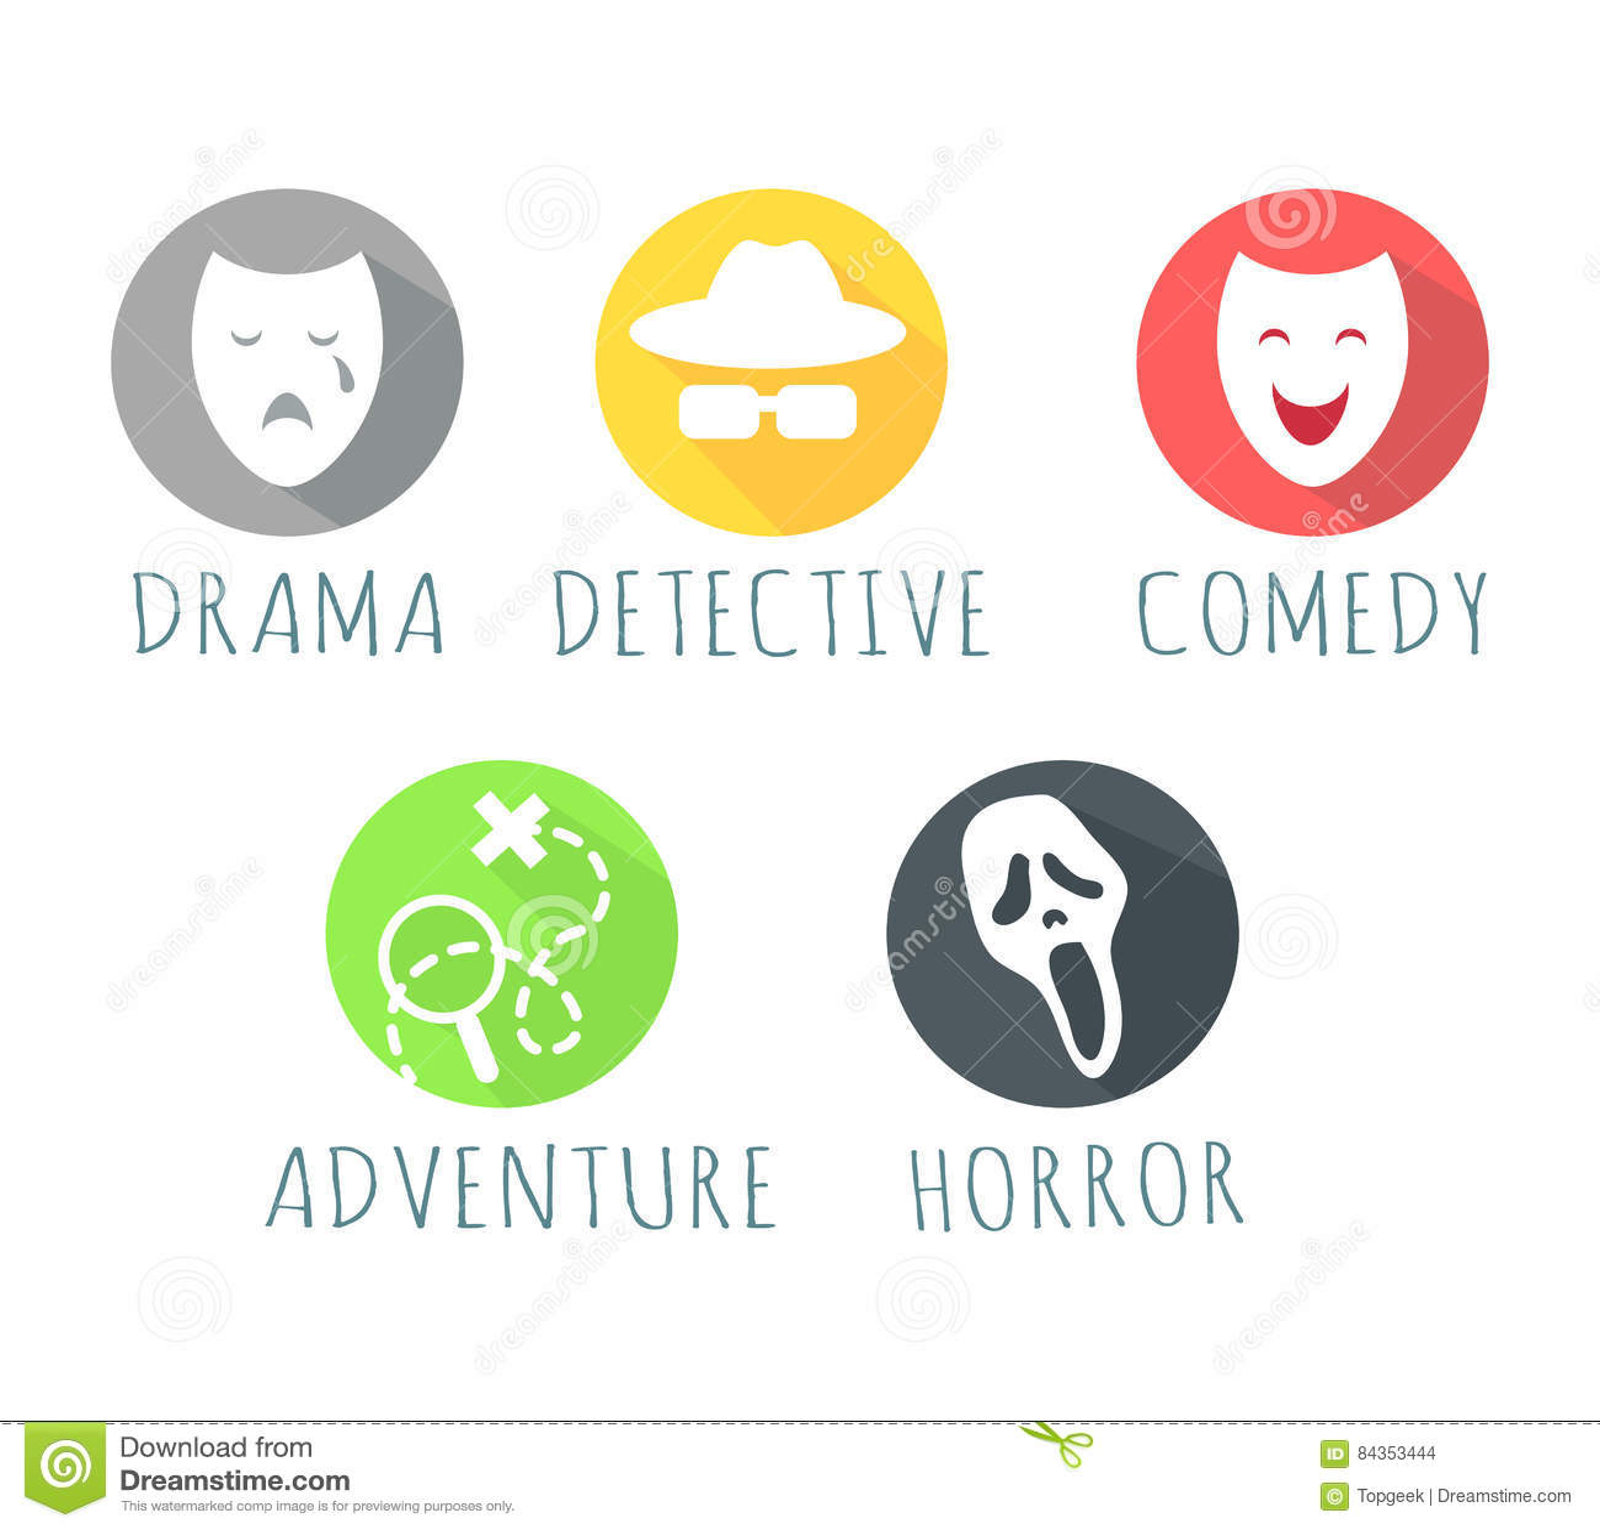 Logotipo de la película de Comedy Adventure Horror del detective del drama